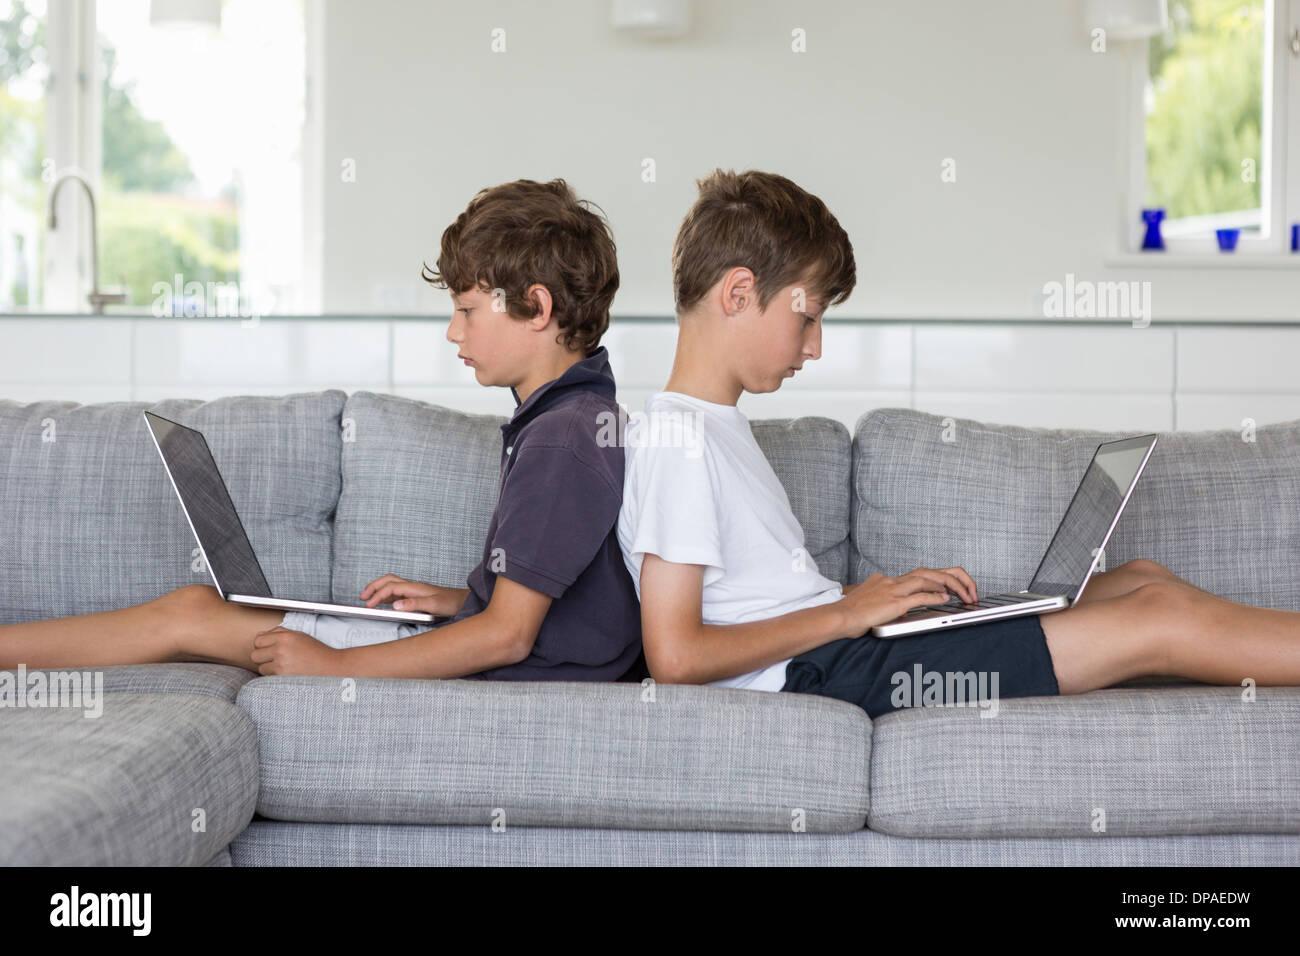 Brüder Rücken an Rücken auf Sofa mit Computern Stockbild